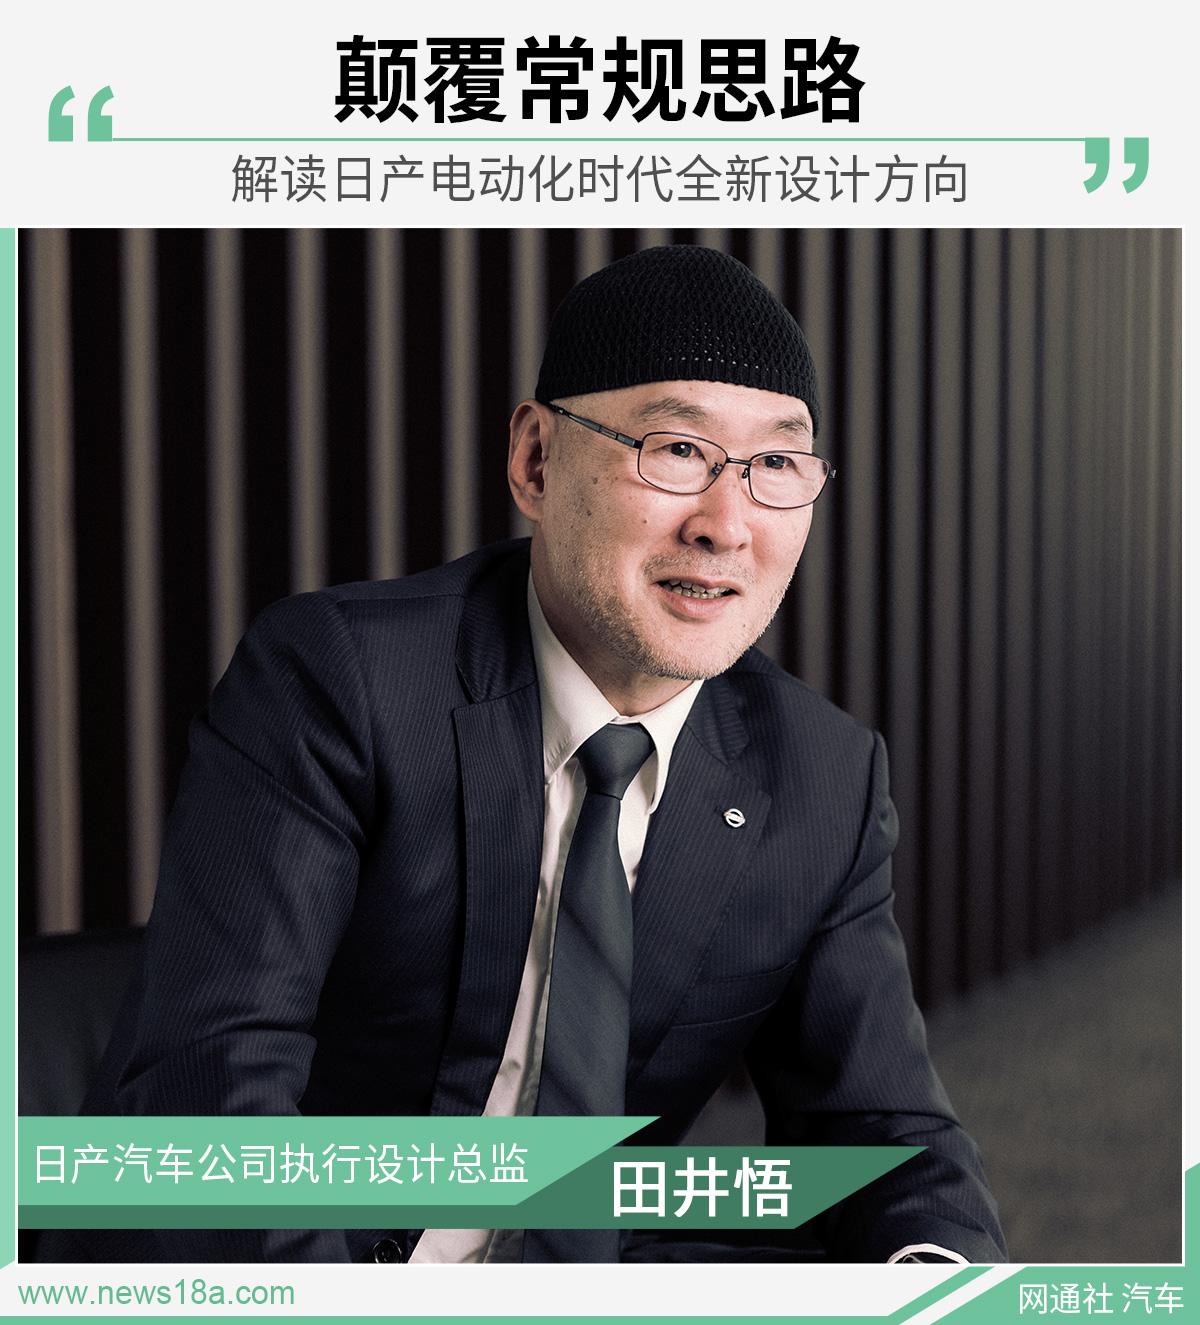 http://www.carsdodo.com/xincheguanzhu/211457.html